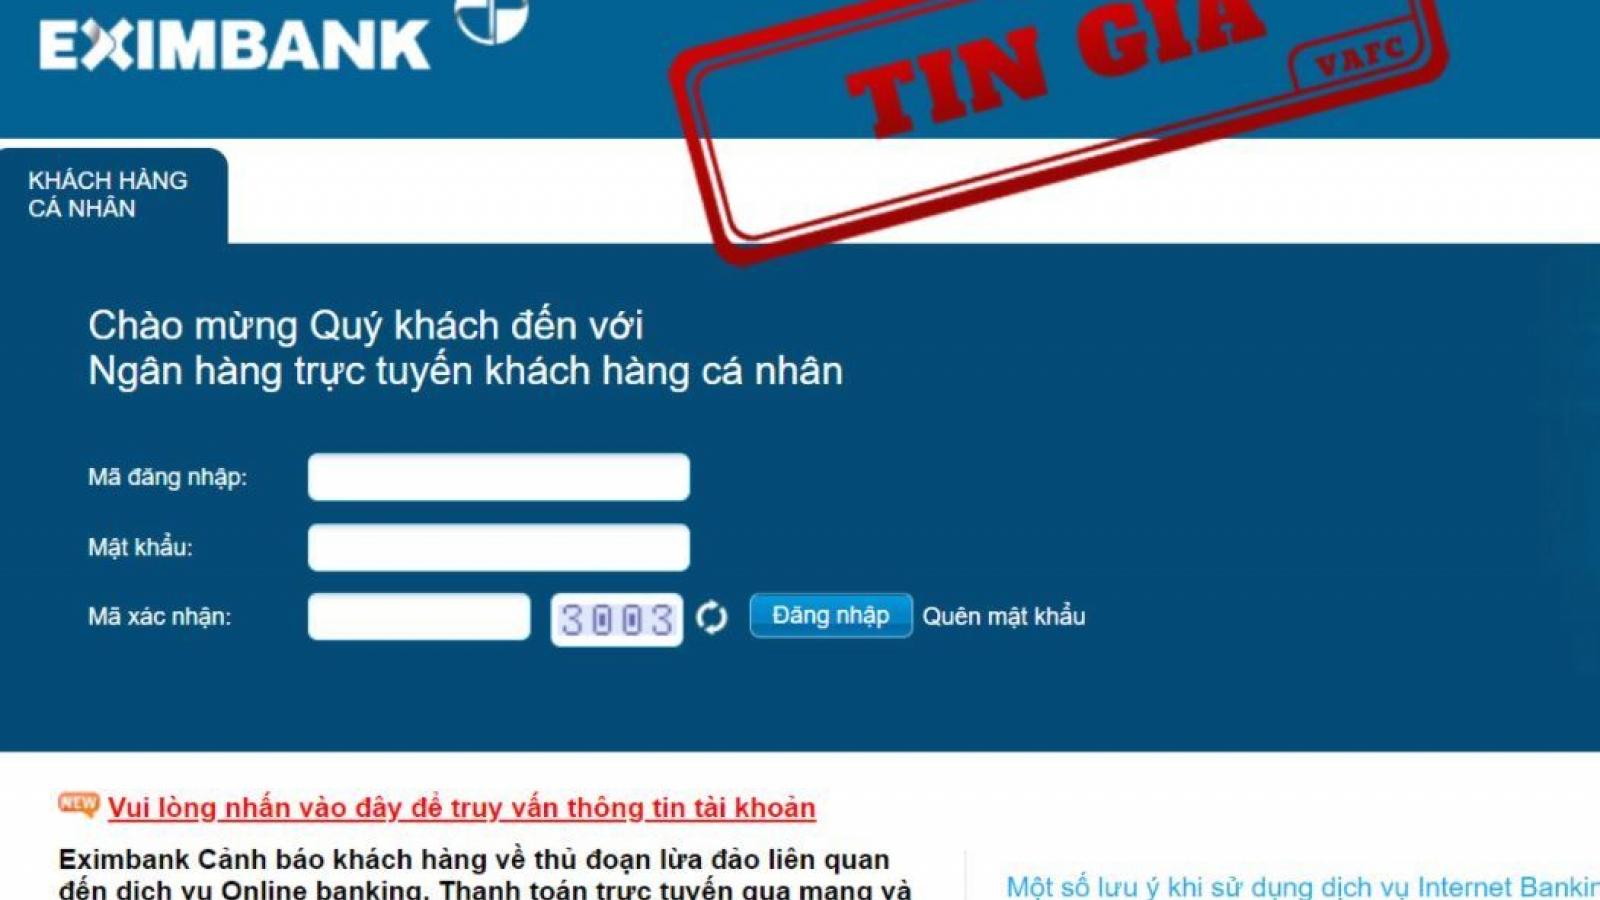 Eximbank là nạn nhân mới nhất trong danh sách các ngân hàng bị giả mạo website